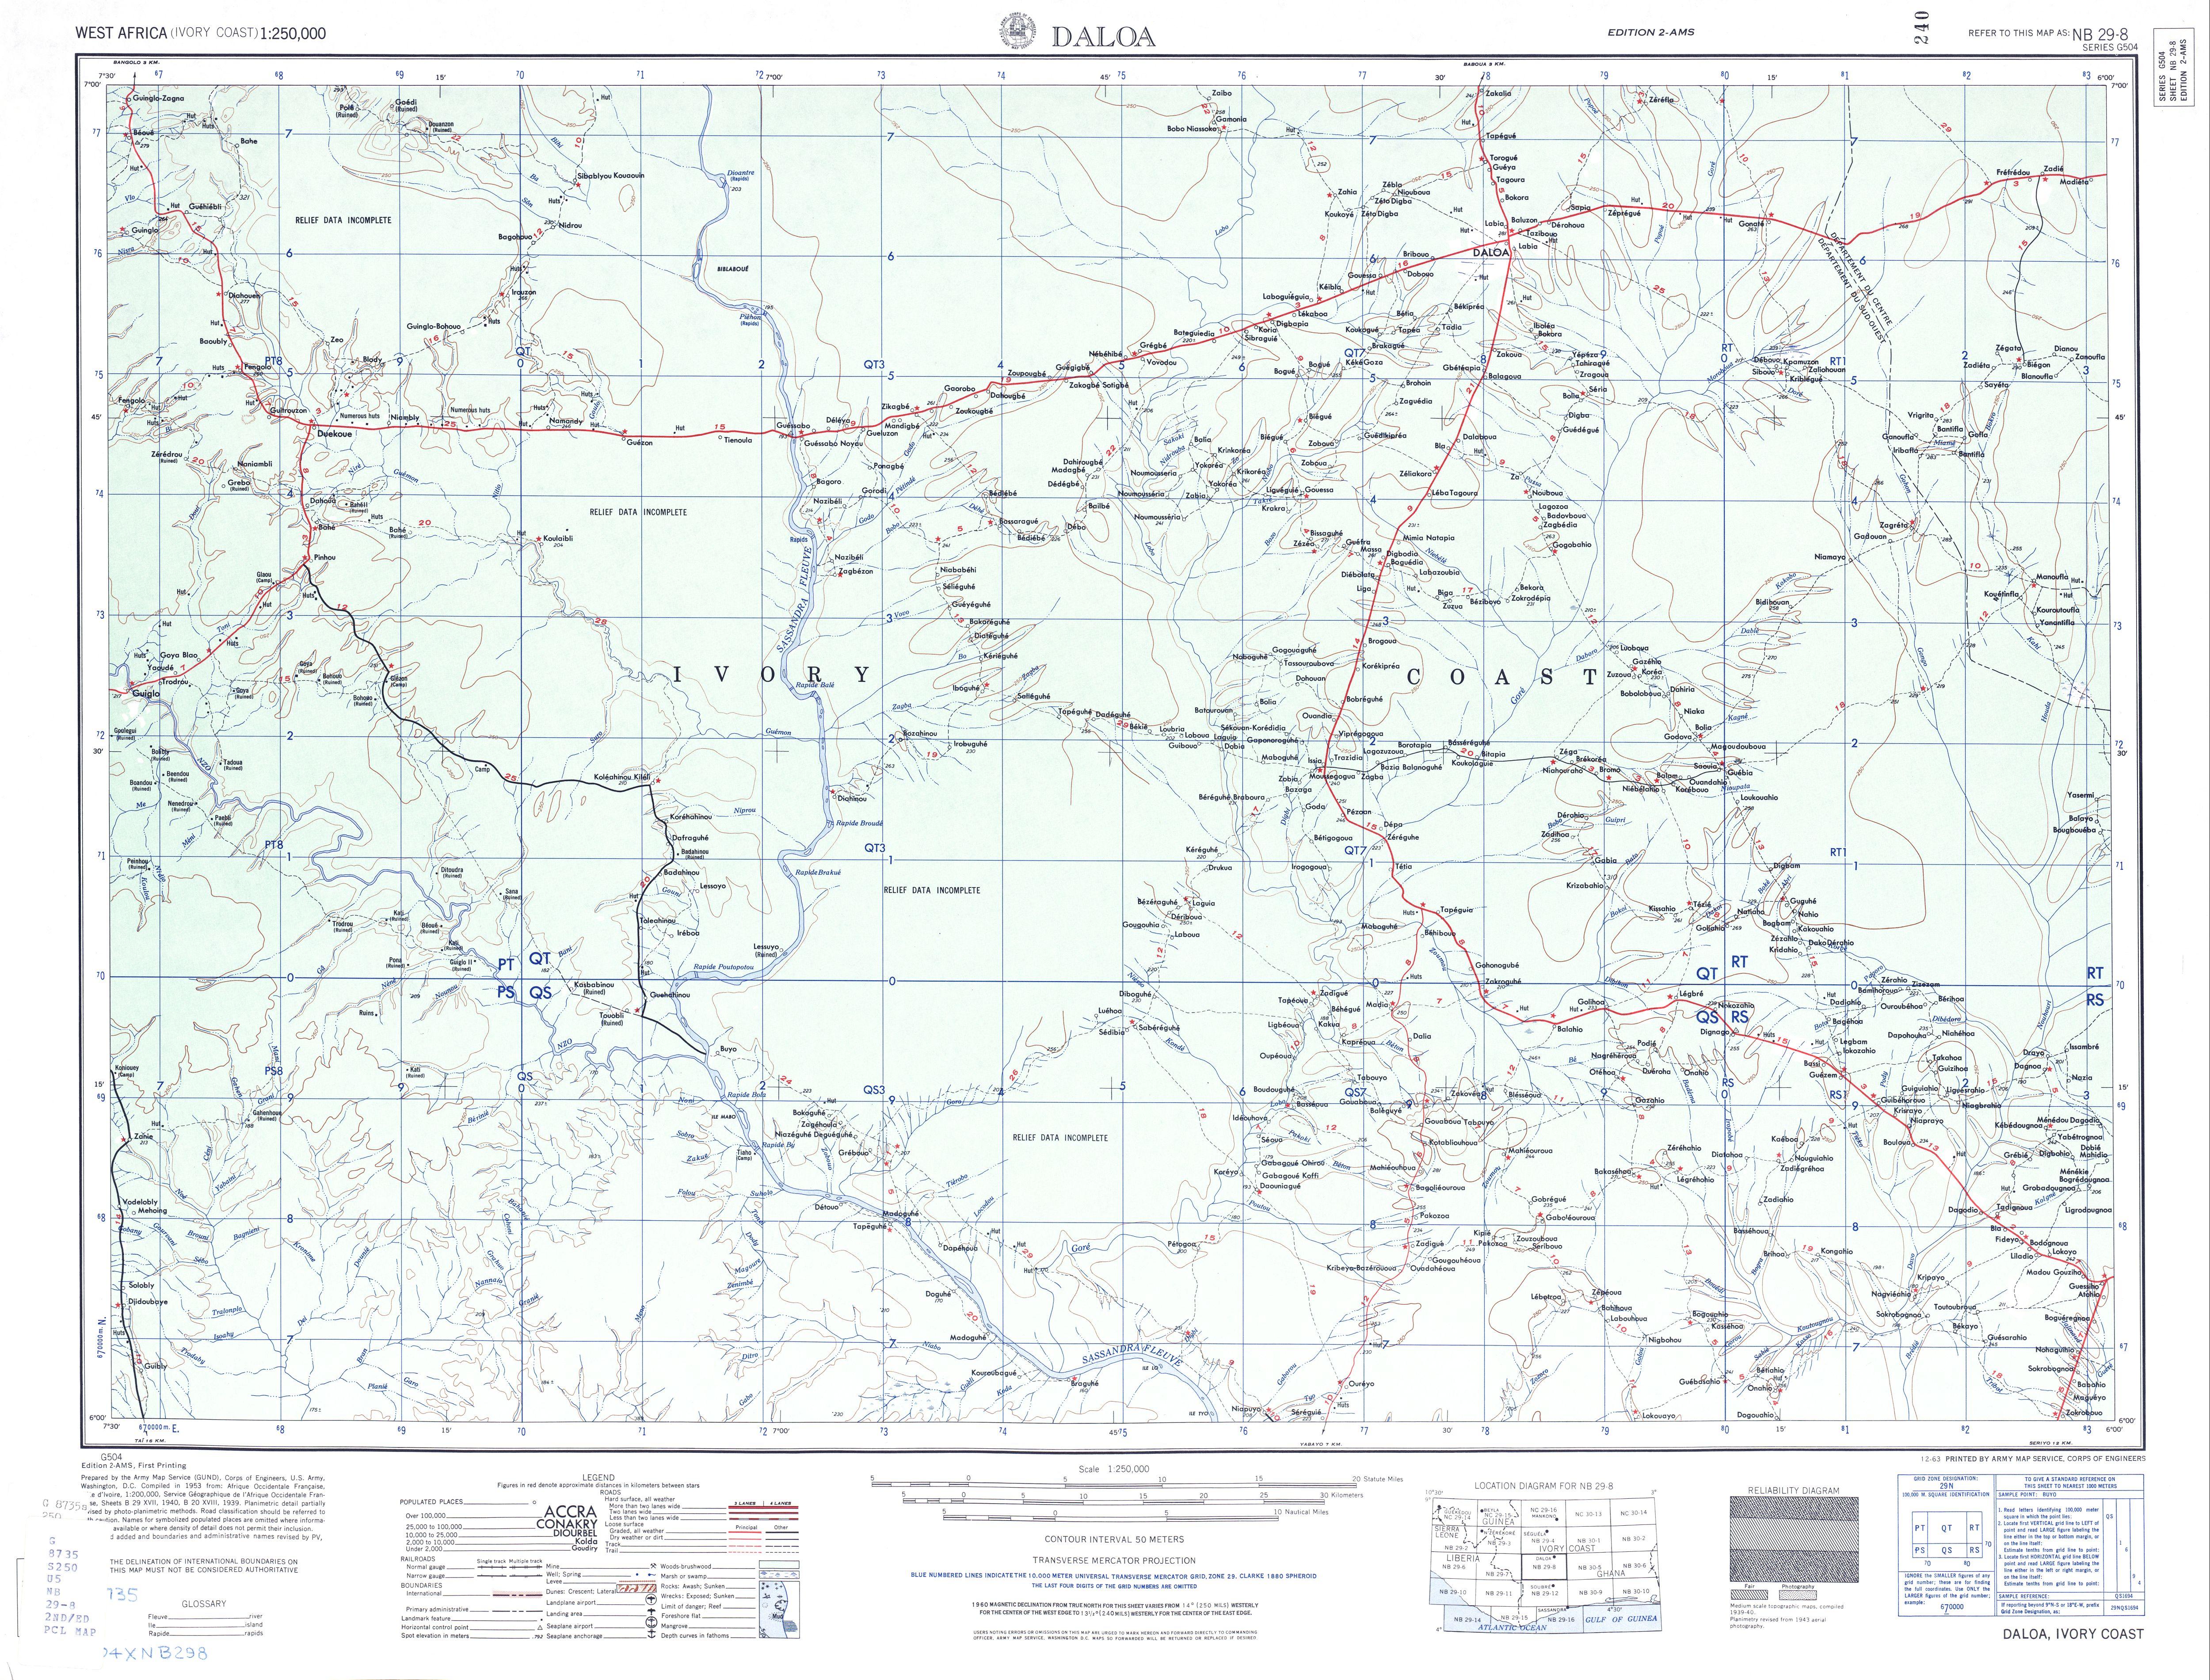 Hoja Daloa del Mapa Topográfico de África Occidental 1955